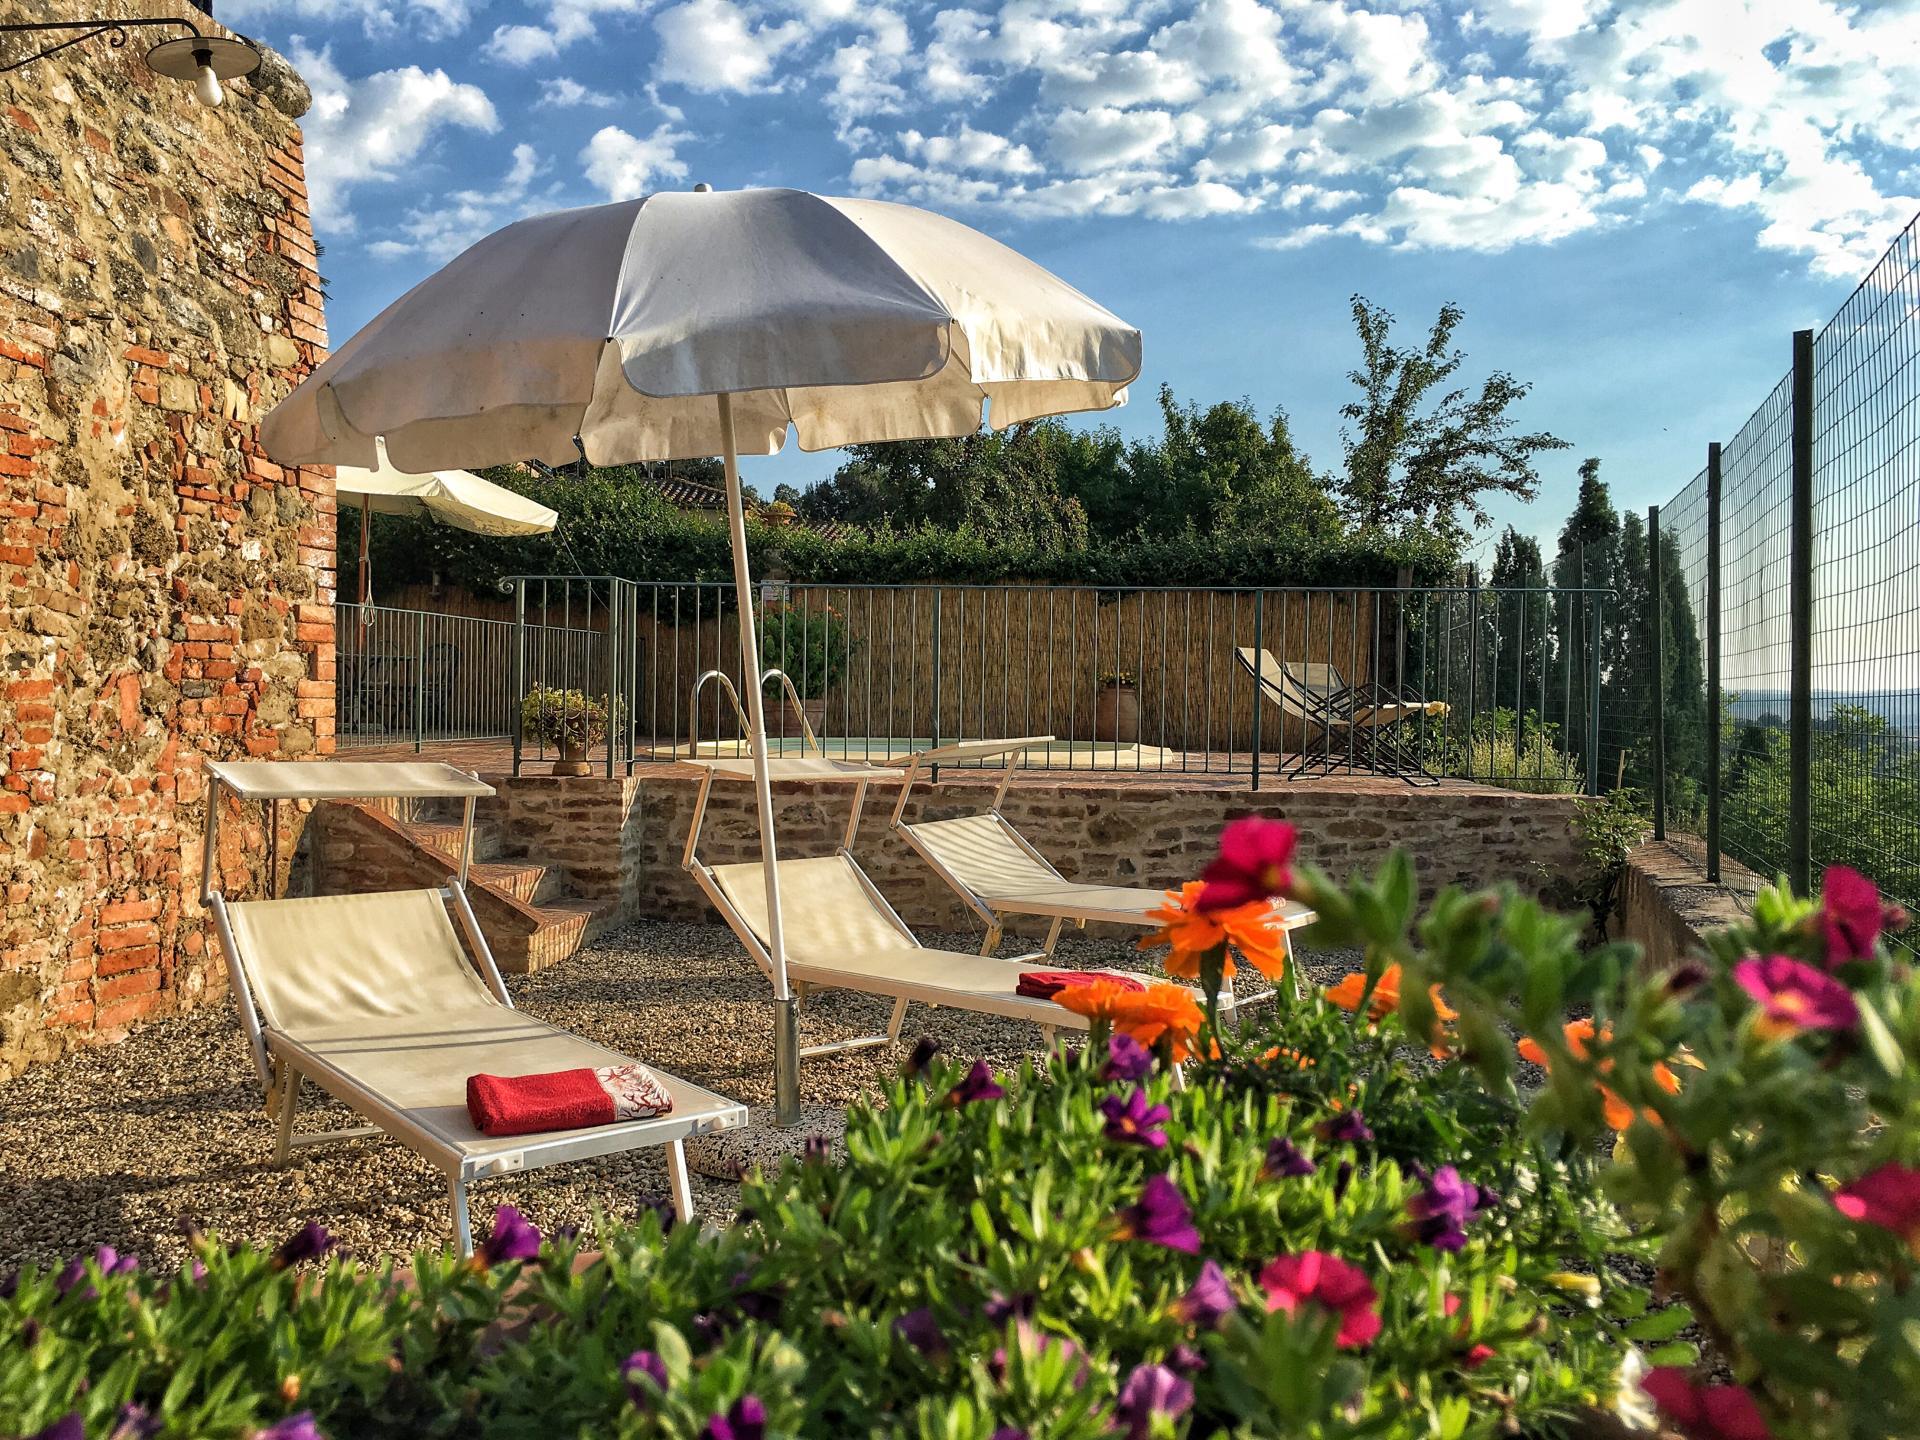 Sun loungers, Casa Giovanni, Tuscany, San Giovanni d'Asso.